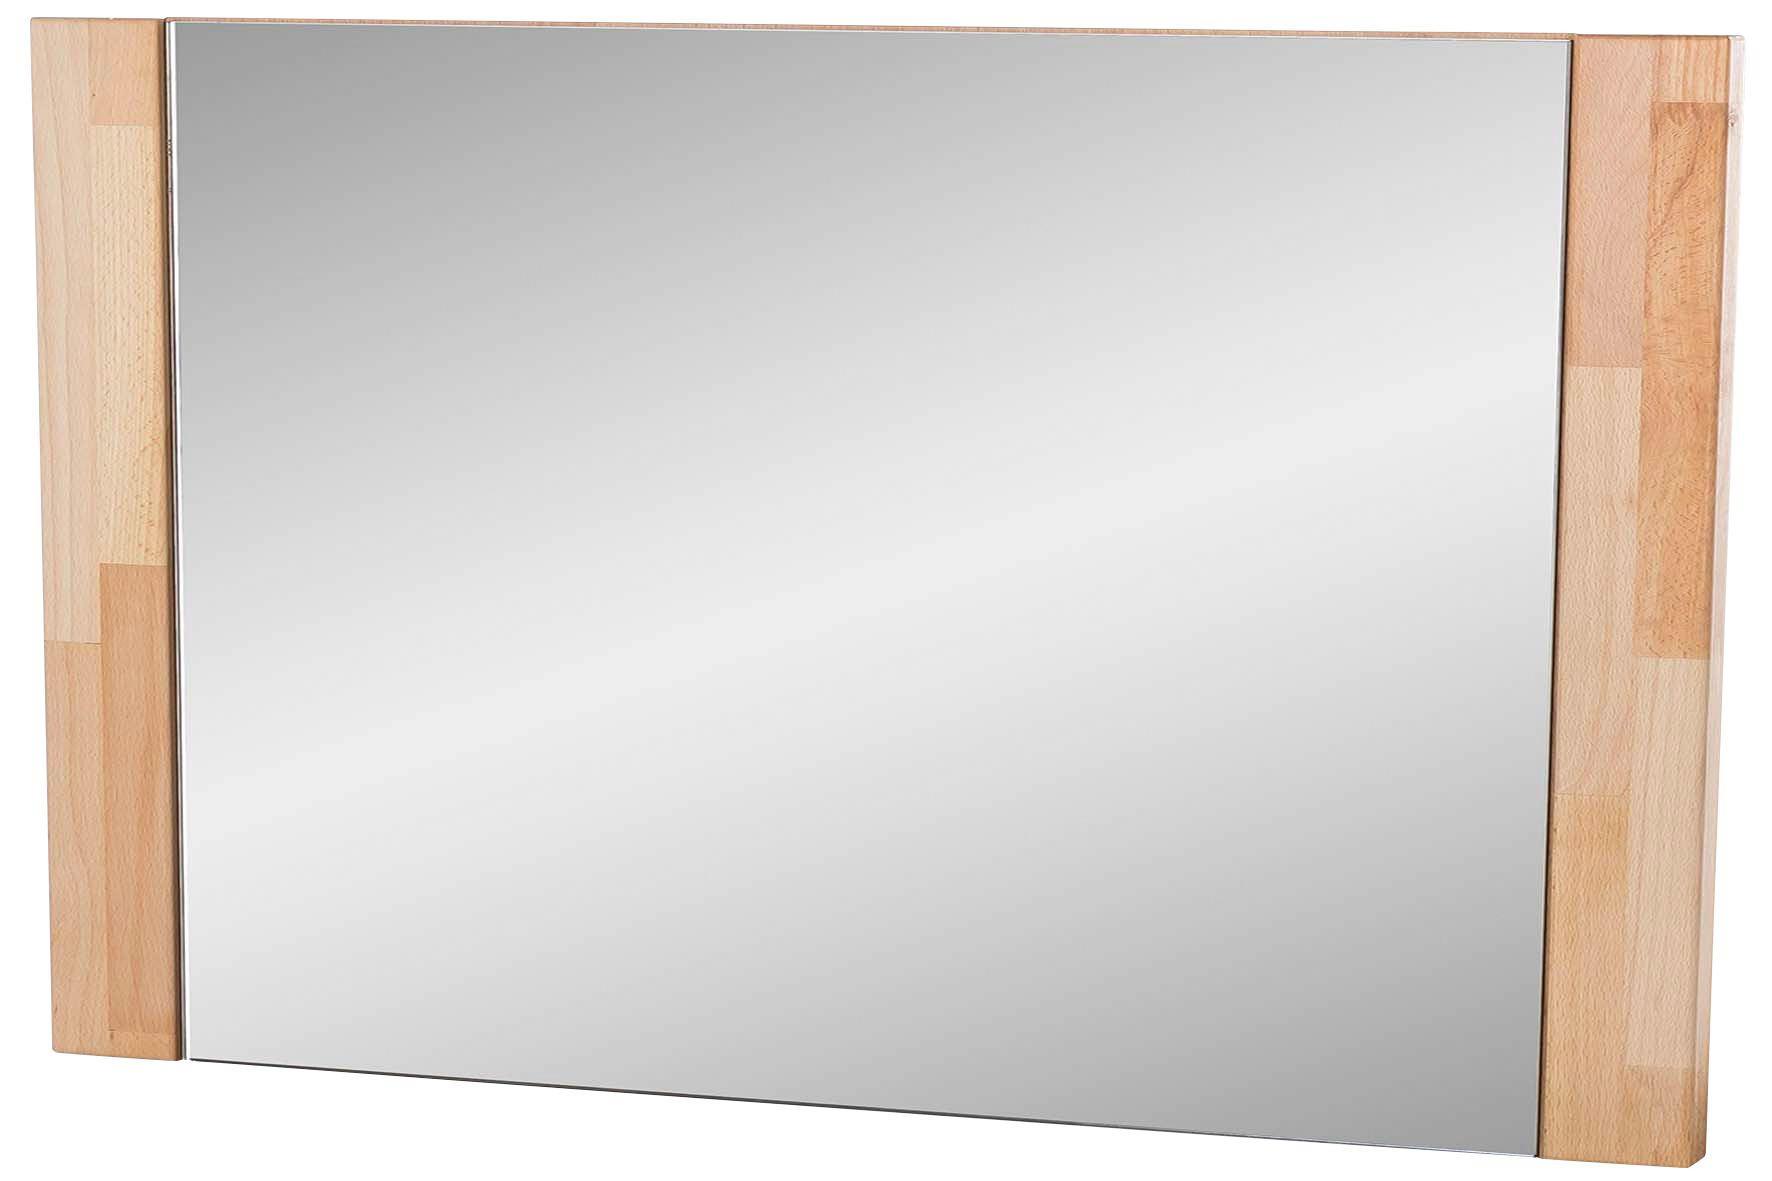 SPIEGEL - Buchefarben, KONVENTIONELL, Glas/Holz (66/65/4cm) - LANDSCAPE